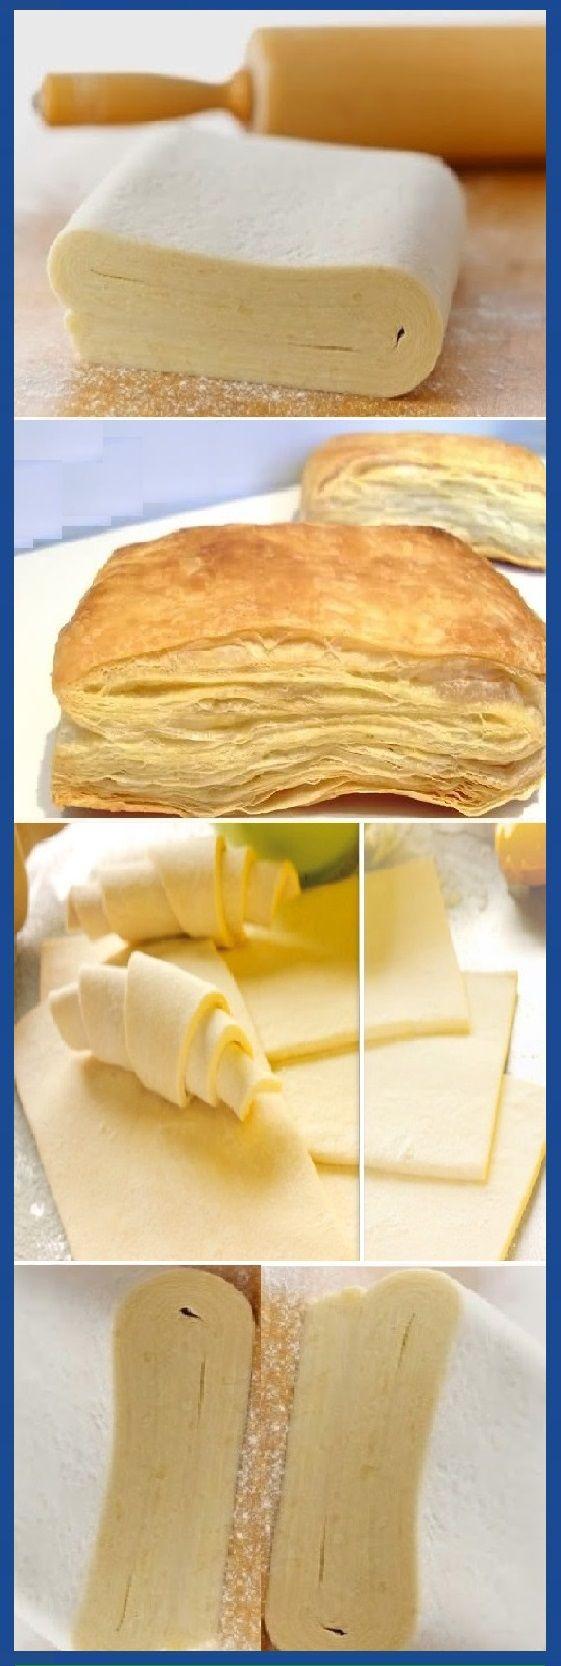 HOJALDRE FÁCIL receta casera paso a paso.  #hojaldre #facil #tips #masa  #panfrances #pain #bread #breadrecipes #パン #хлеб #brot #pane #crema #relleno #losmejores #cremas #rellenos #cakes #pan #panfrances #panettone #panes #pantone #pan #recetas #recipe #casero #torta #tartas #pastel #nestlecocina #bizcocho #bizcochuelo #tasty #cocina #chocolate   Si te gusta dinos HOLA y dale a Me Gusta MIREN...